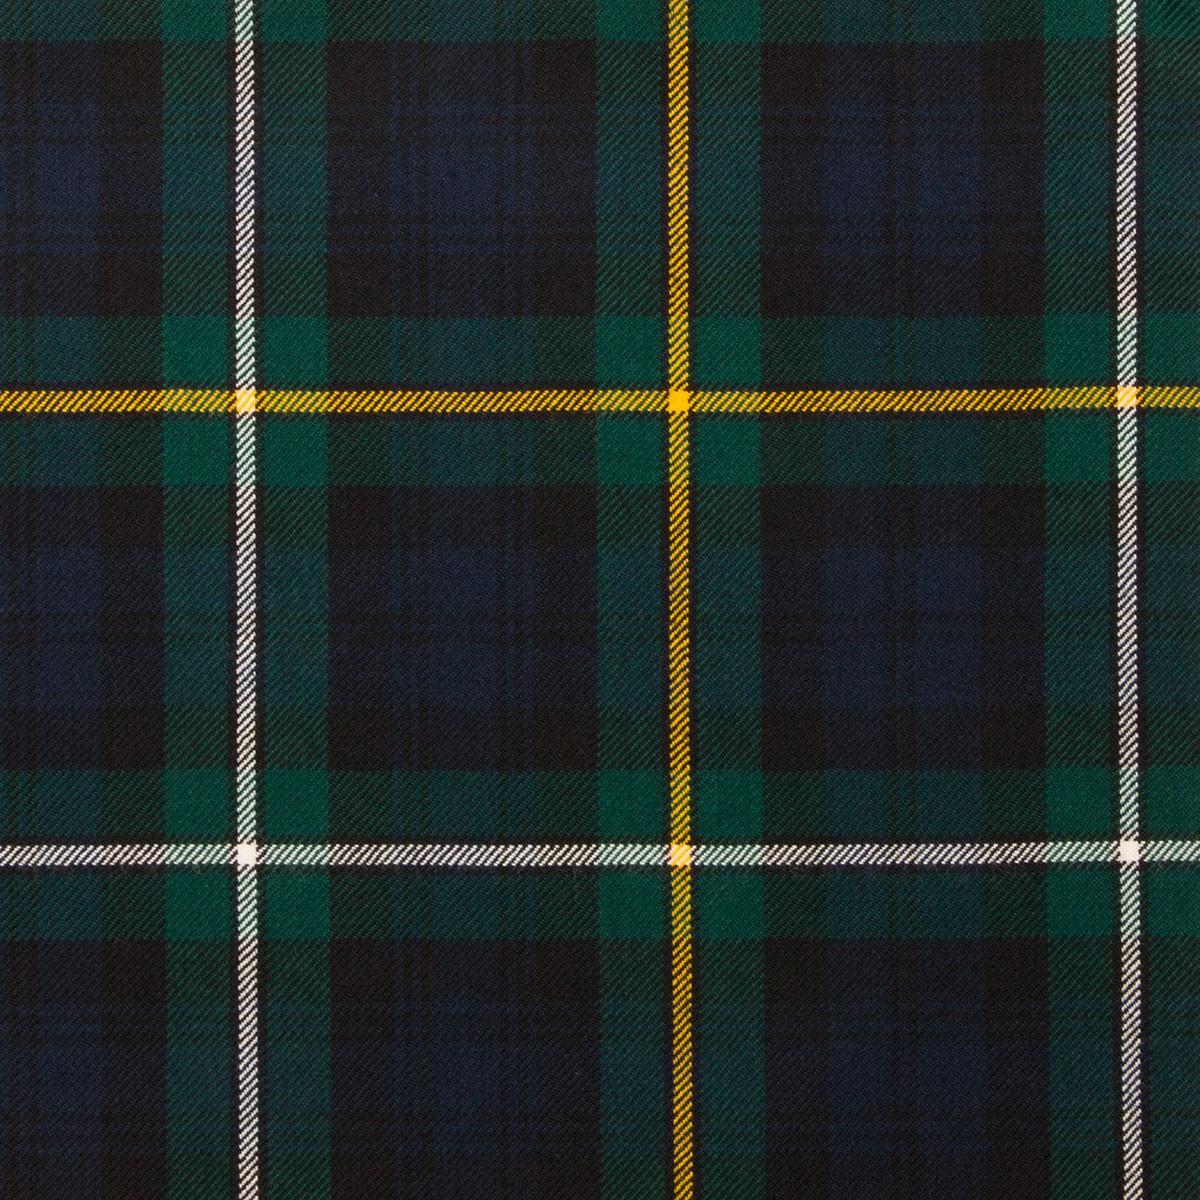 Campbell of Argyll Modern Light Weight Tartan Fabric-Front